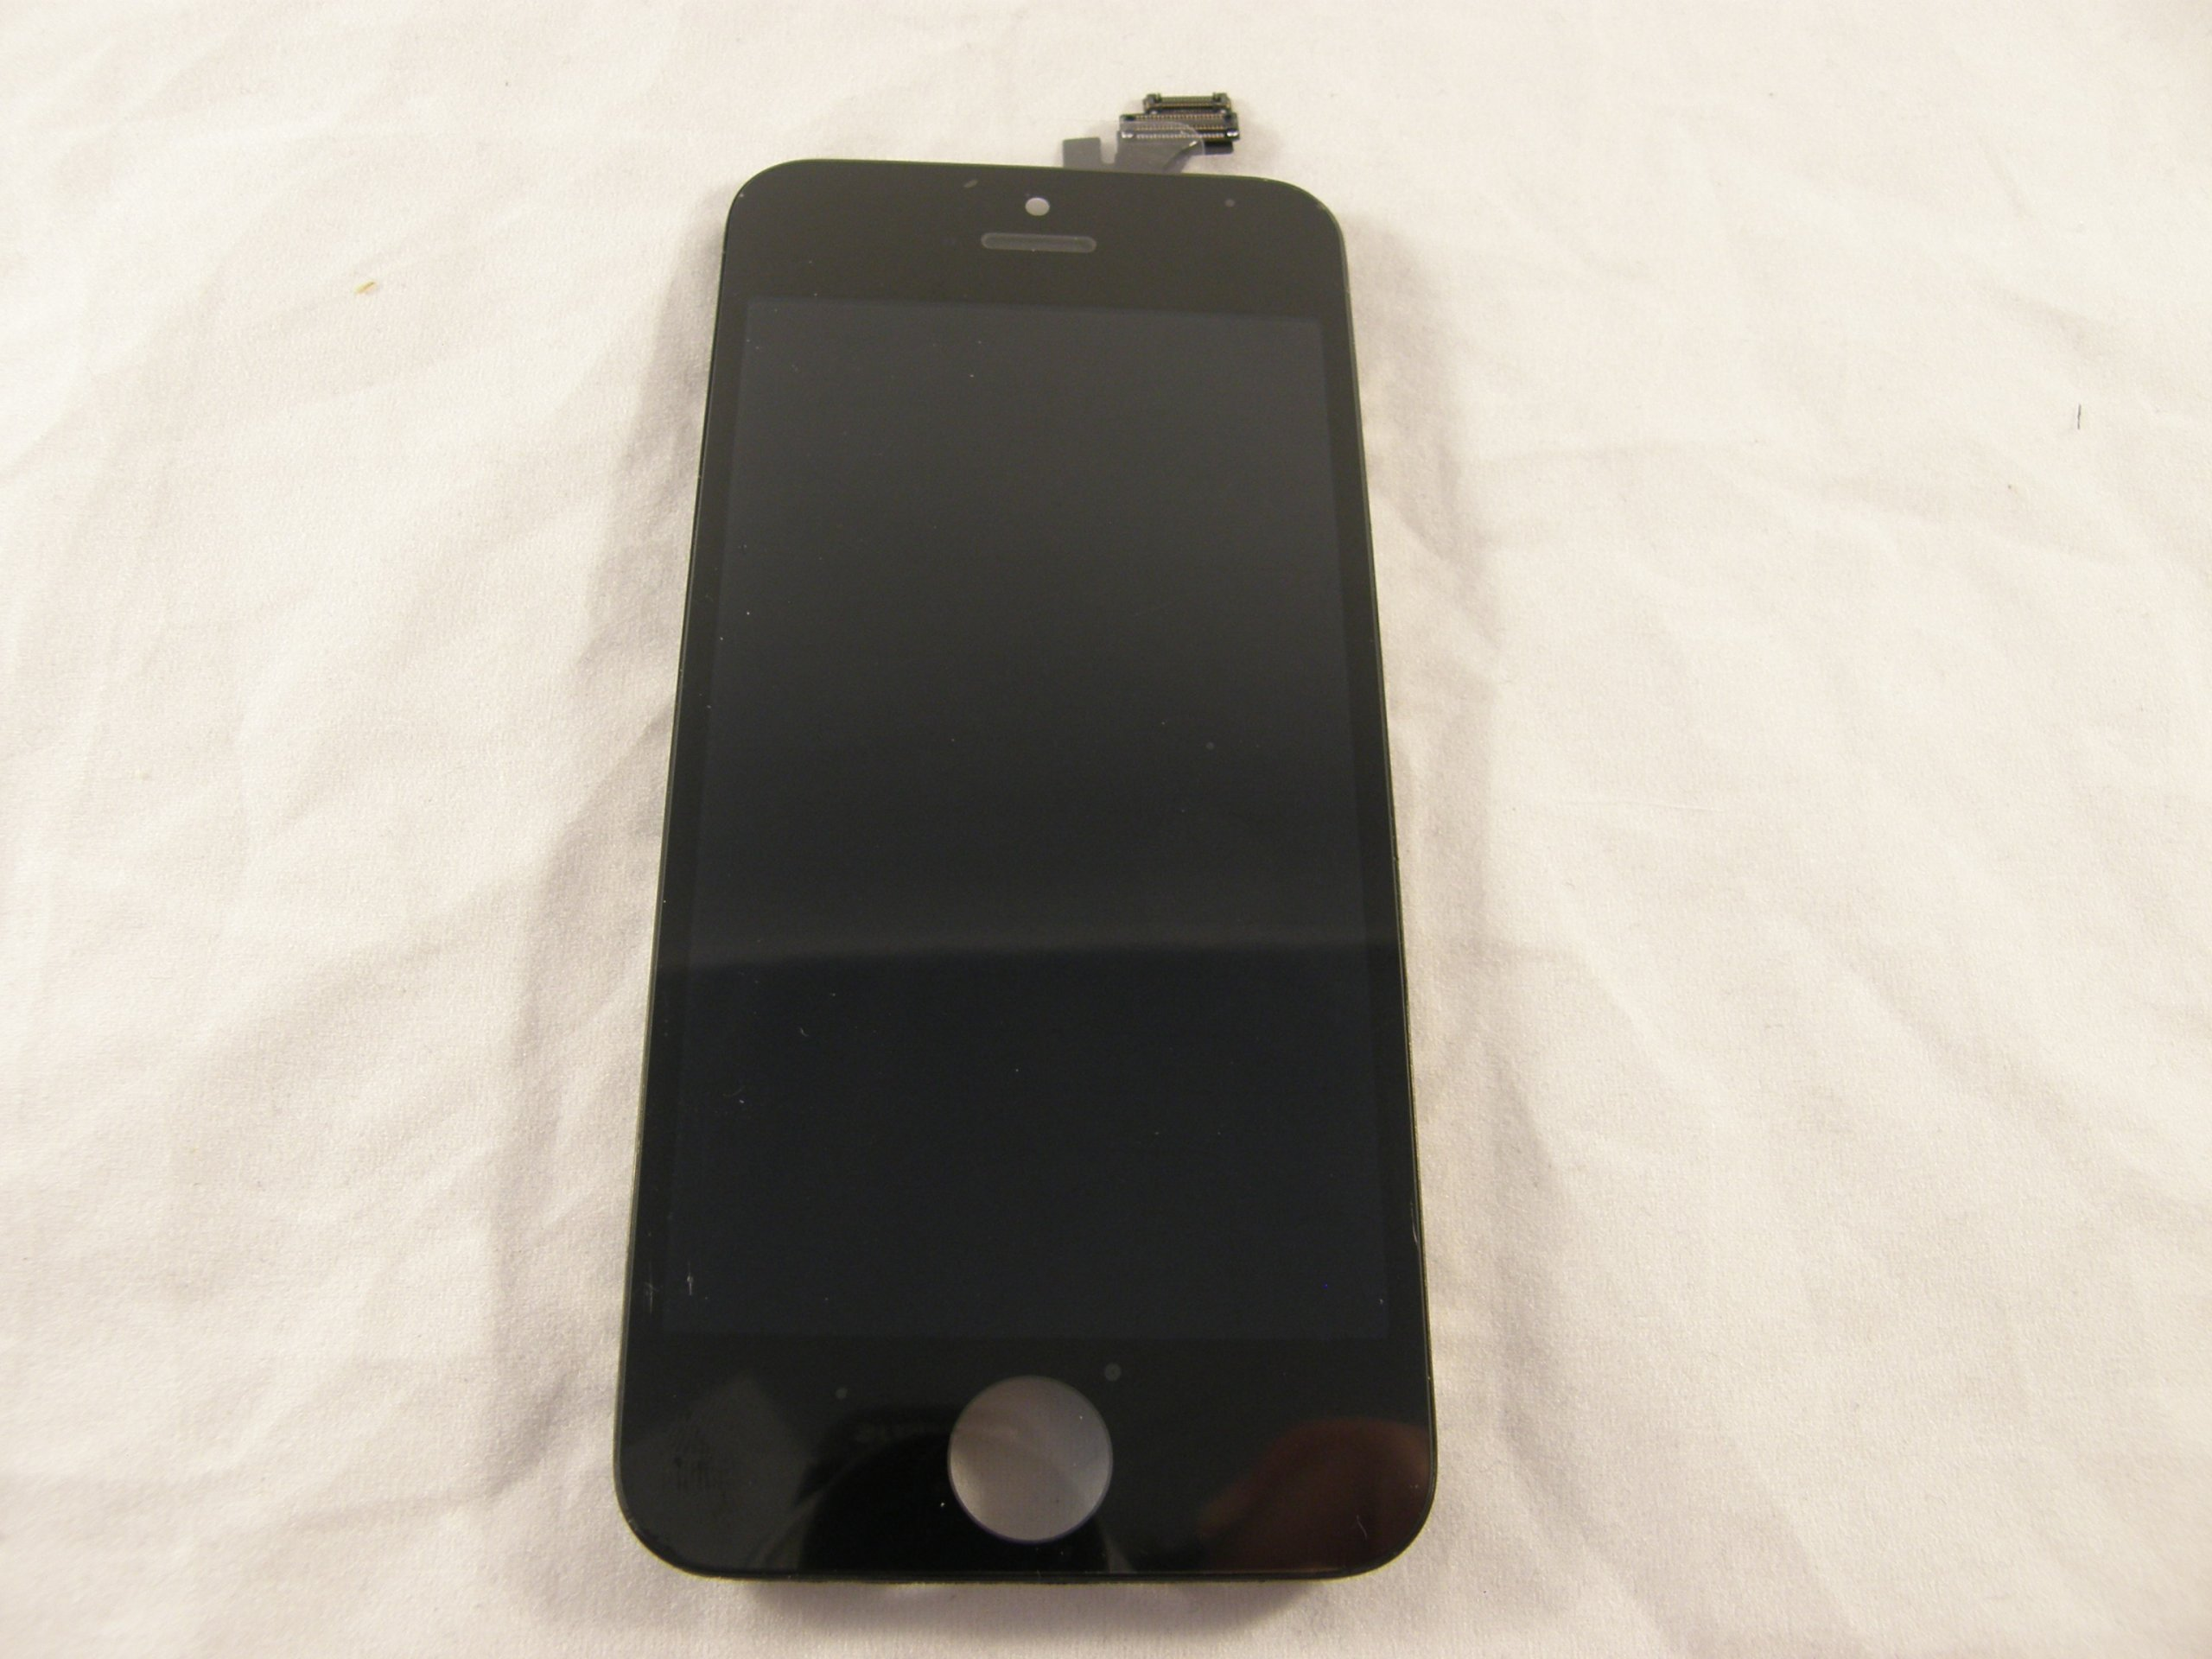 NOWY wyświetlacz LCD SET iPhone SE czarny LUBLIN